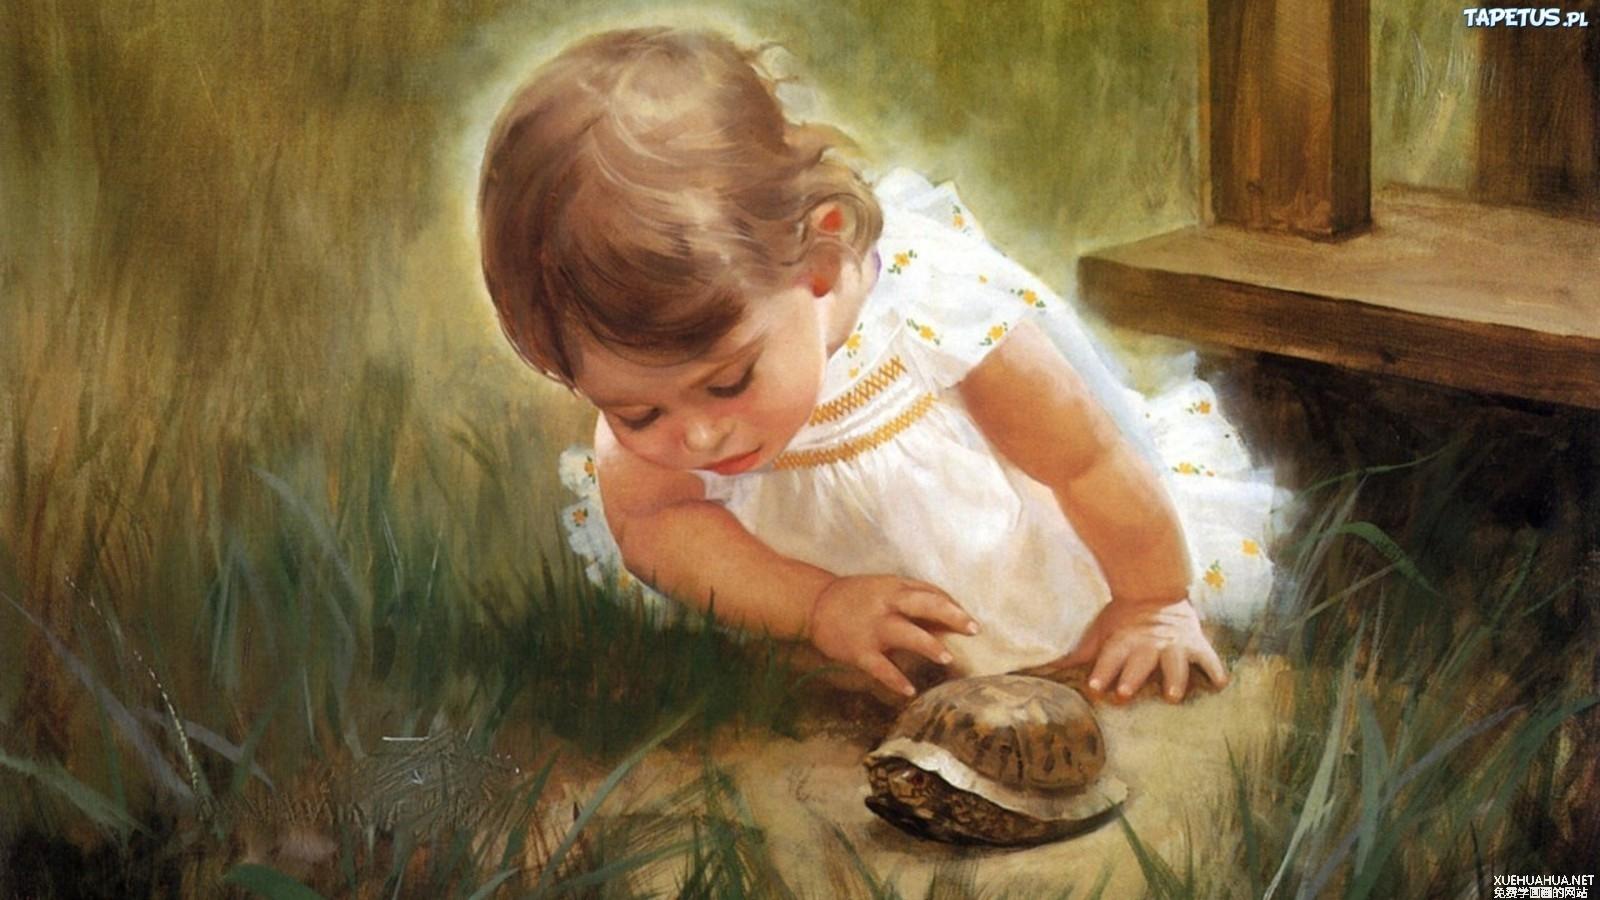 法国艺术家卓兰(Donald Zolan)儿童水彩画系列作品欣赏二